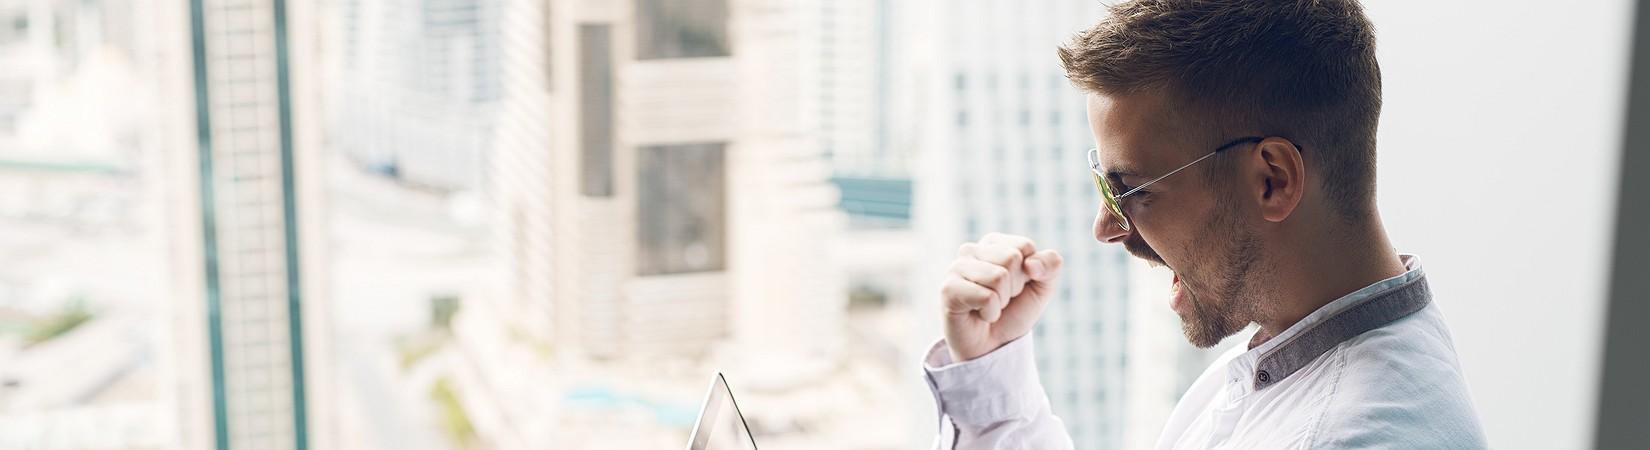 Las 7 mejores acciones para inversores a largo plazo